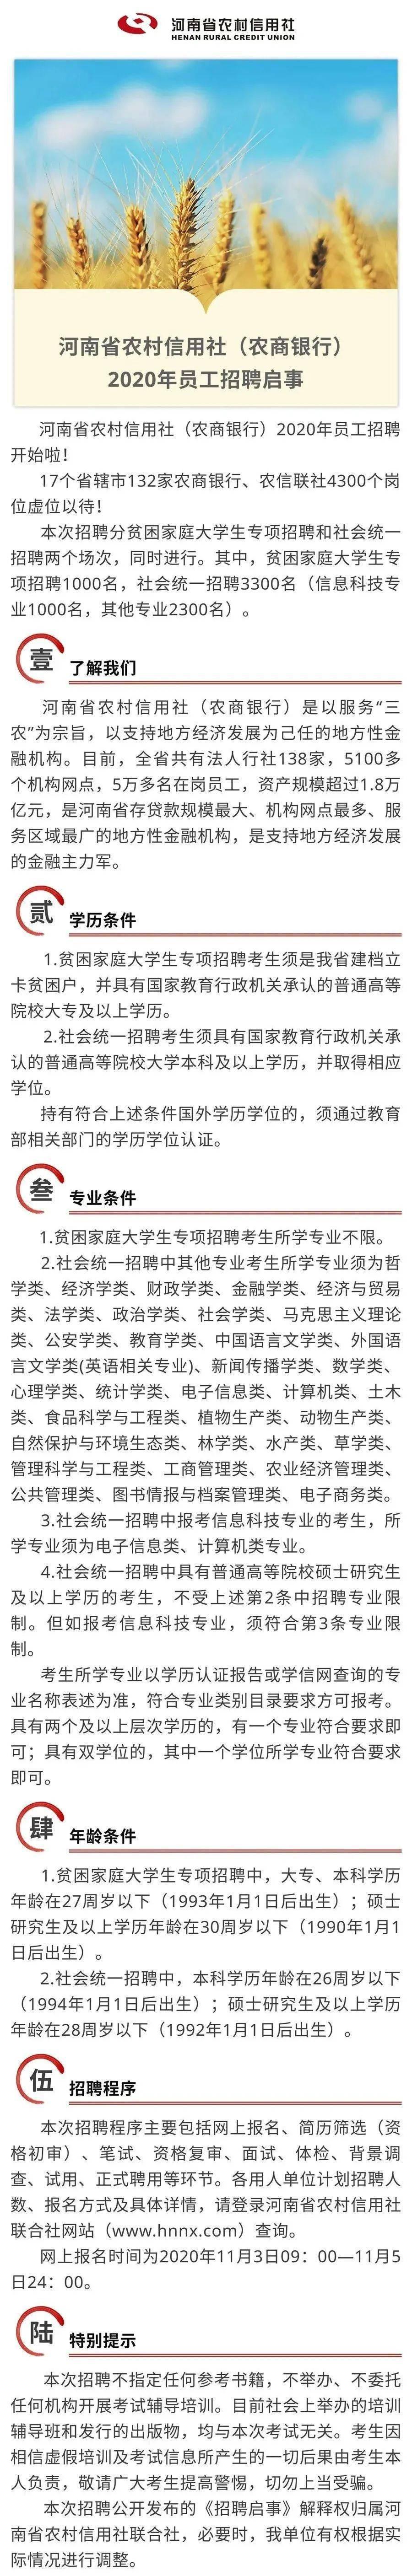 河南省农村信用社(农商银行)2020年招聘启事|甜甜(图1)